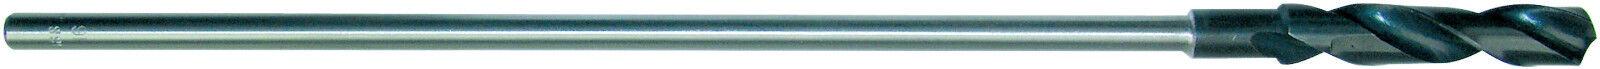 Schalungsbohrer HSS DIN 7490, für Holz, Länge  800 mm, Größen  6 mm - 30 mm